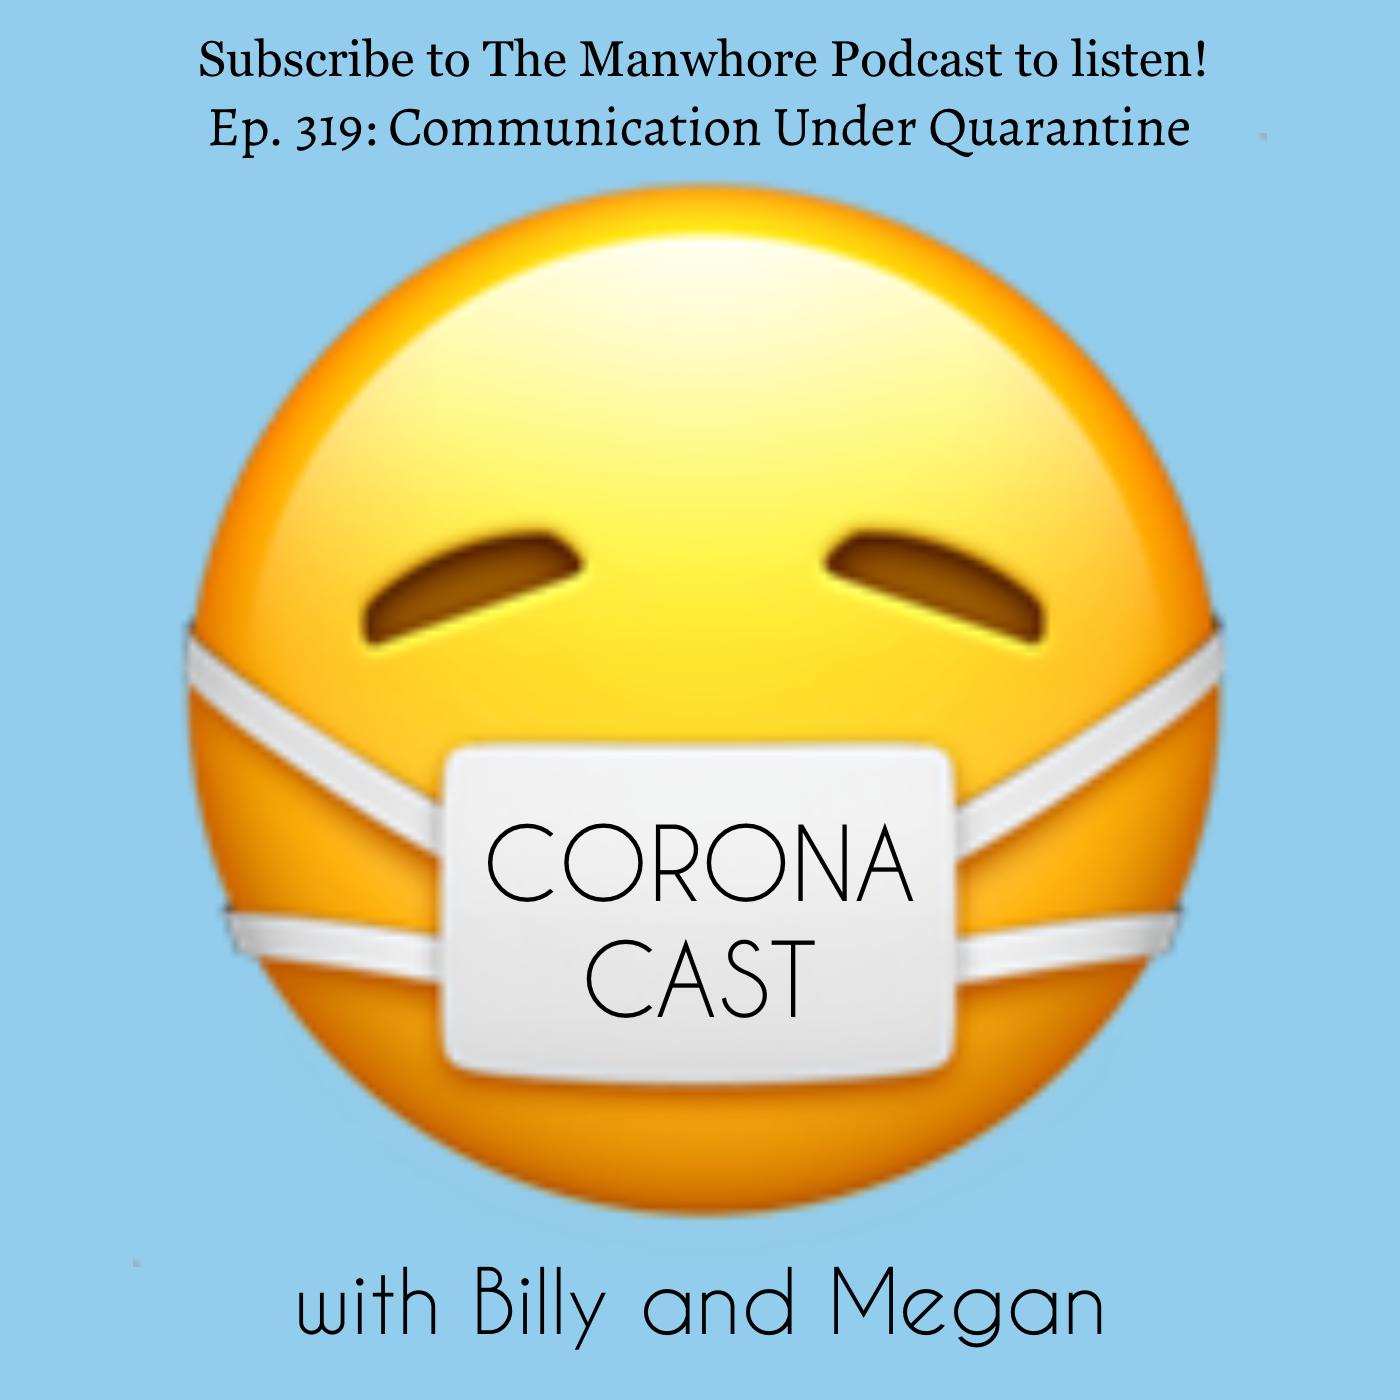 The Manwhore Podcast: A Sex-Positive Quest - Ep. 319: Corona Cast Part 5 - Communication Under Quarantine